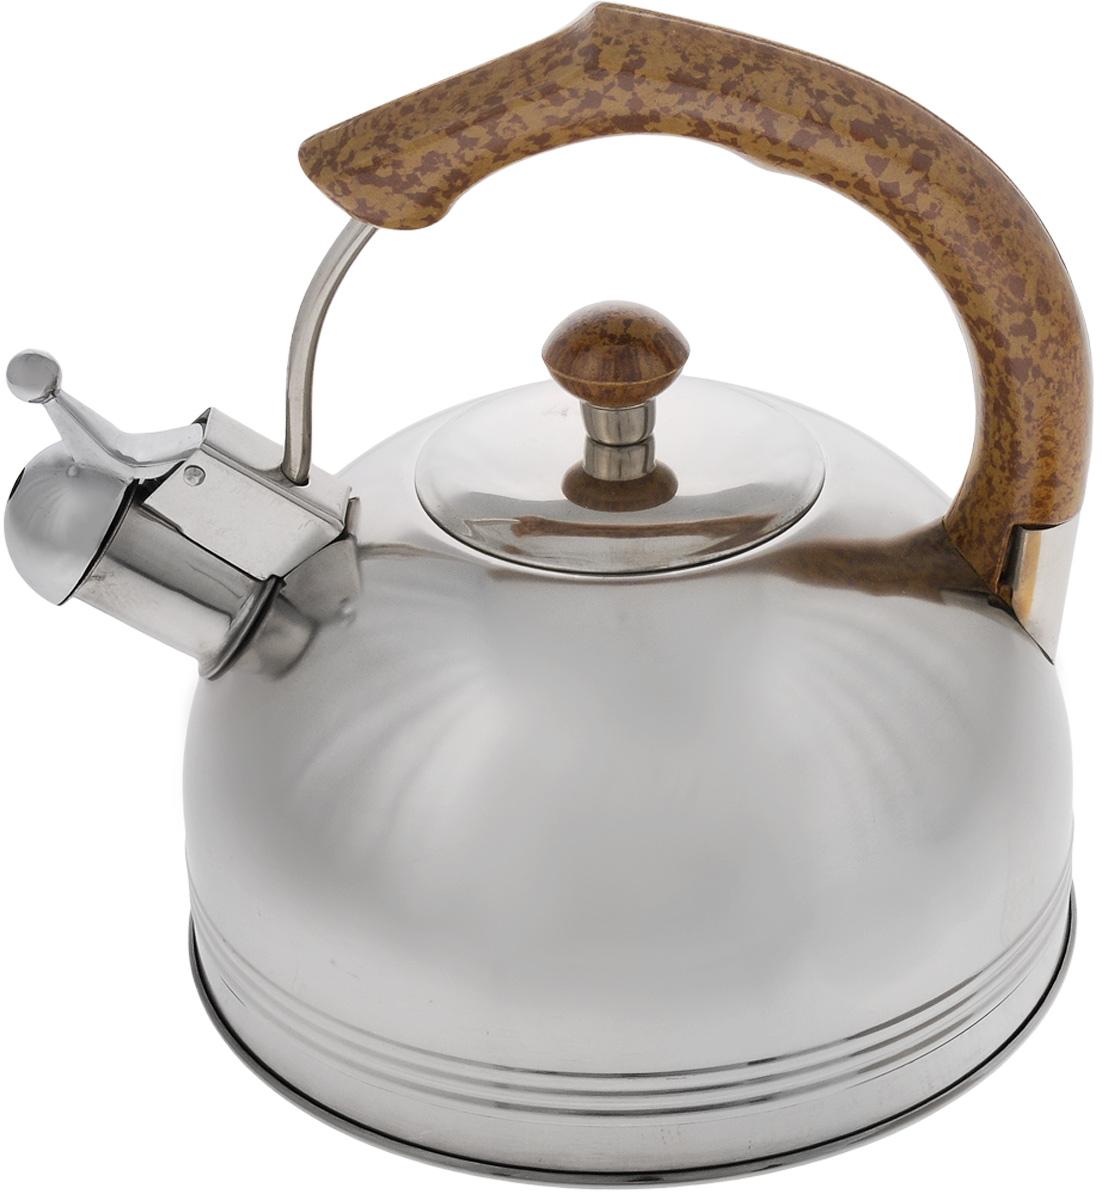 Чайник Mayer & Boch, со свистком, 3 л. 6087VT-1520(SR)Чайник Mayer & Boch выполнен из высококачественной нержавеющей стали, что делает его весьма гигиеничным и устойчивым к износу при длительном использовании. Капсулированное дно с прослойкой из алюминия обеспечивает наилучшее распределение тепла. Носик чайника оснащен насадкой-свистком, что позволит вам контролировать процесс подогрева или кипячения воды. Фиксированная ручка, изготовленная из бакелита в цвет дерева, делает использование чайника очень удобным и безопасным. Поверхность чайника гладкая, что облегчает уход за ним. Эстетичный и функциональный, с эксклюзивным дизайном, чайник будет оригинально смотреться в любом интерьере.Подходит для всех типов плит, кроме индукционных. Можно мыть в посудомоечной машине.Высота чайника (без учета ручки и крышки): 11,5 см.Высота чайника (с учетом ручки): 22 см.Диаметр чайника (по верхнему краю): 8,5 см.